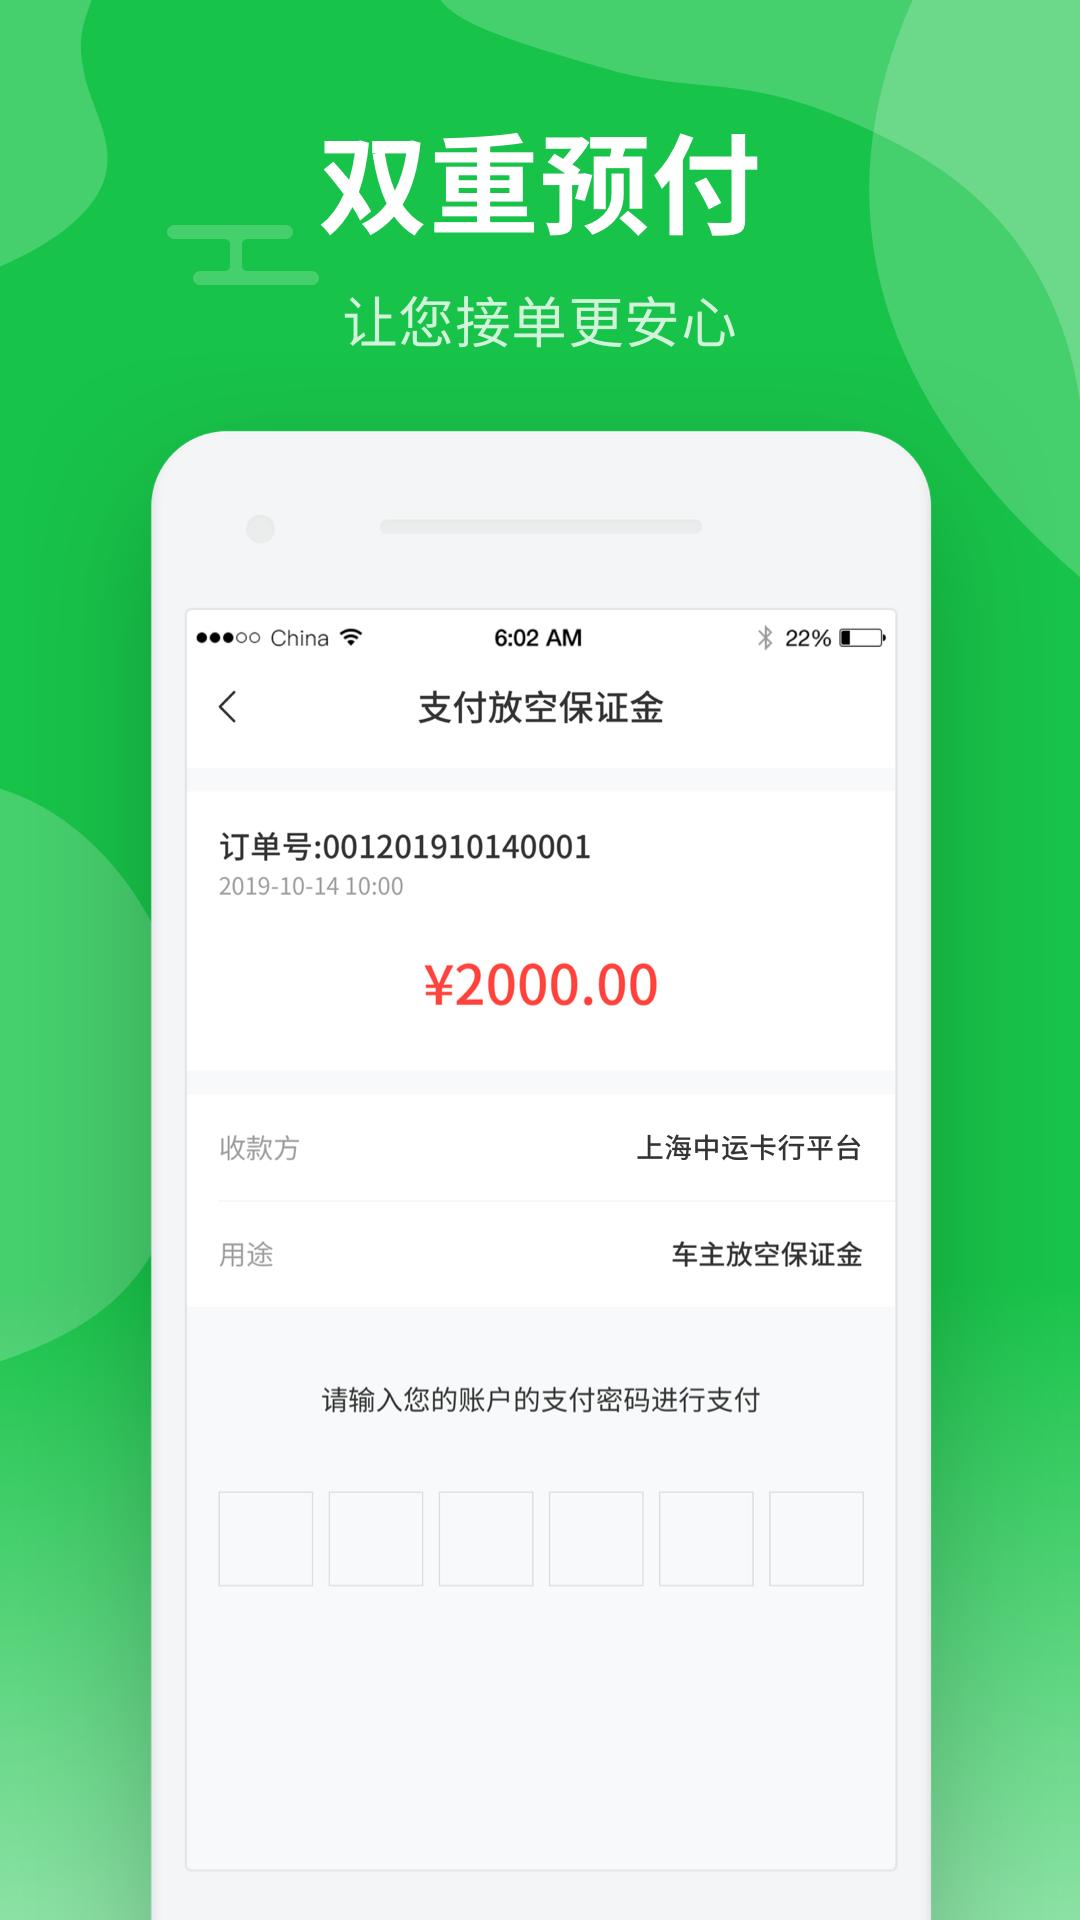 中运卡行司机appv0.9.26 最新版